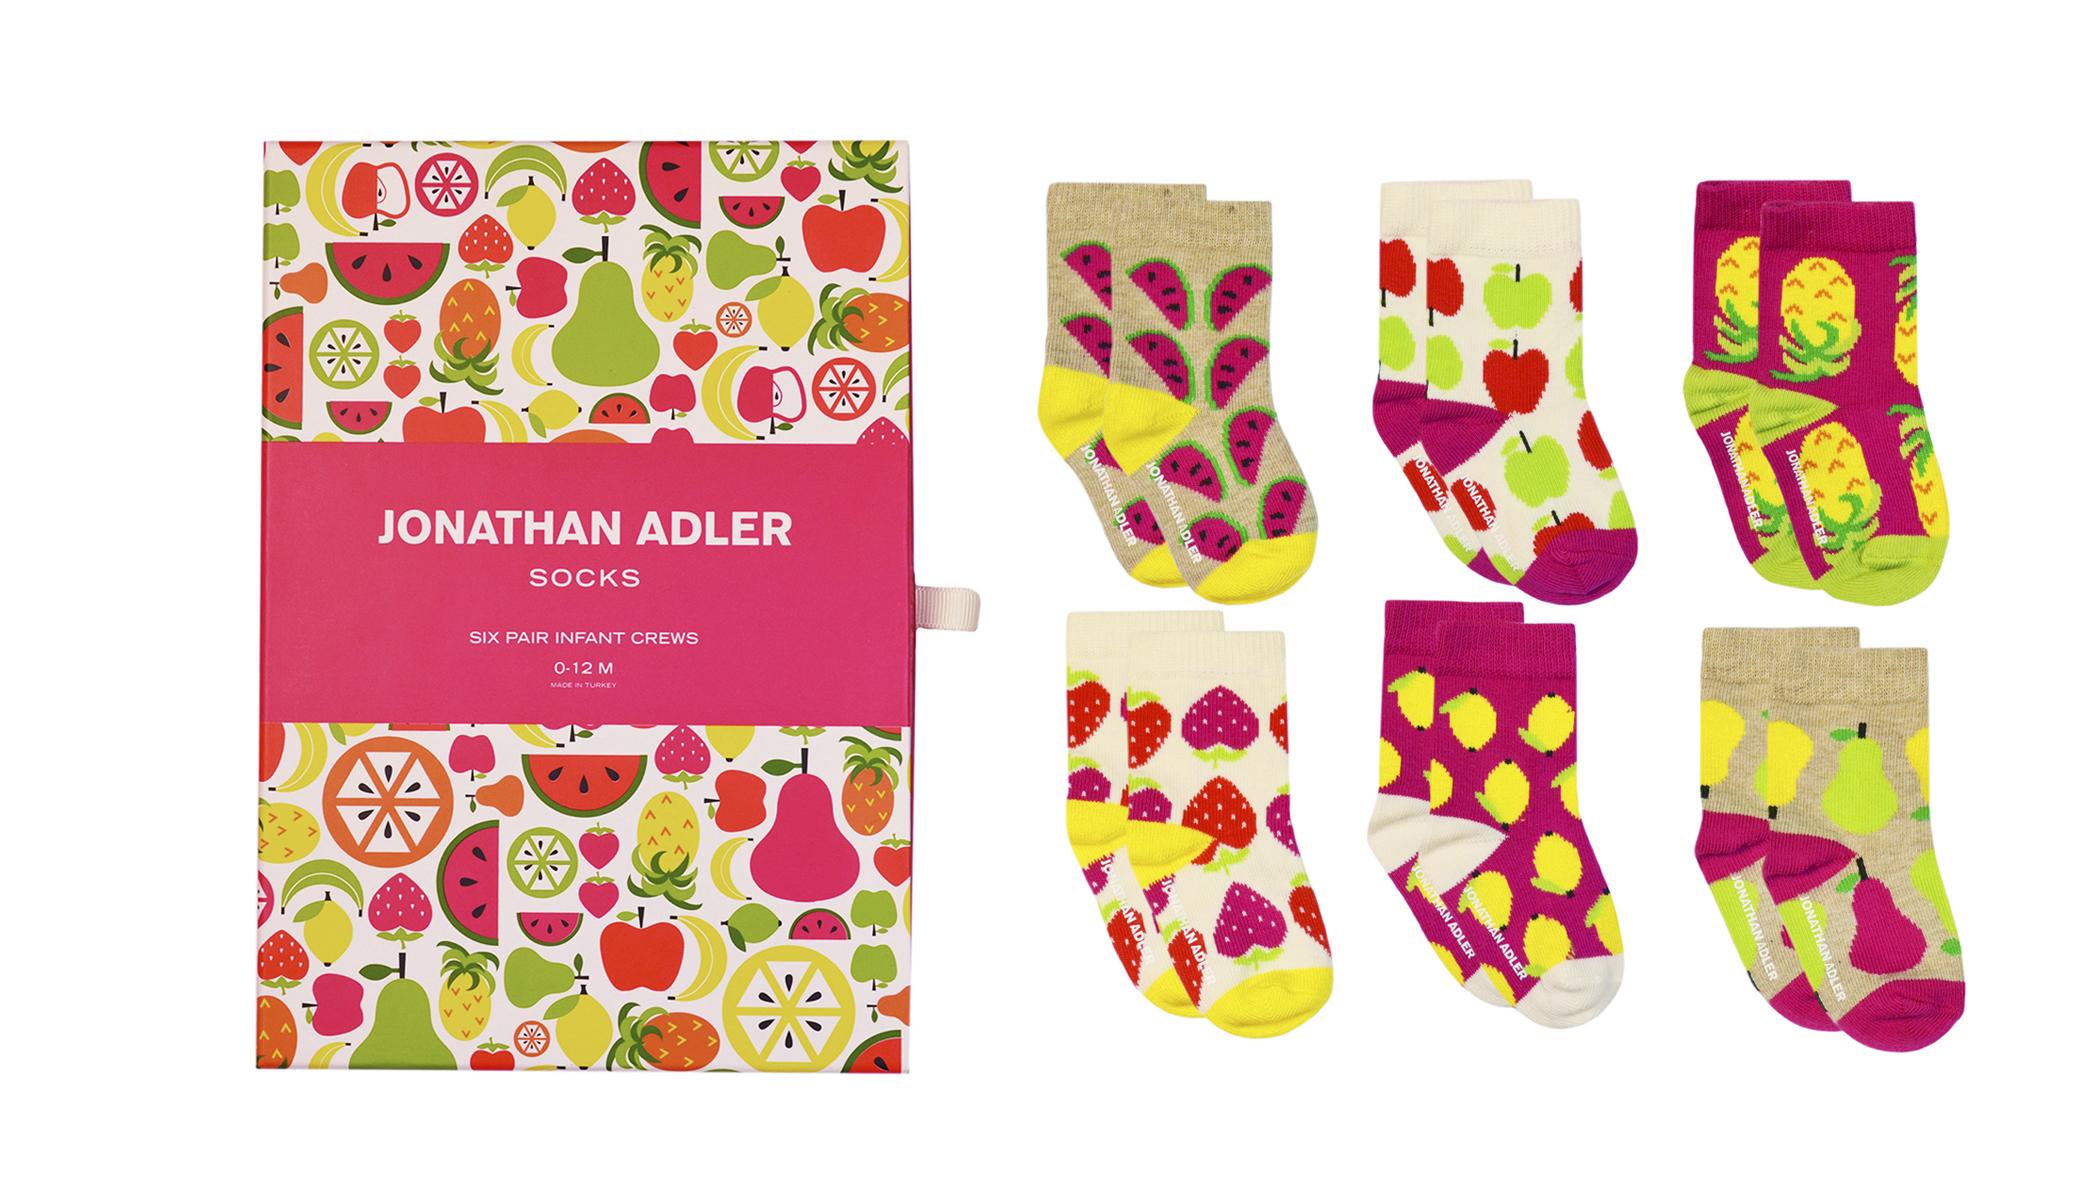 fruit_socks_jonathan_adler_kids_packaging_design.jpg